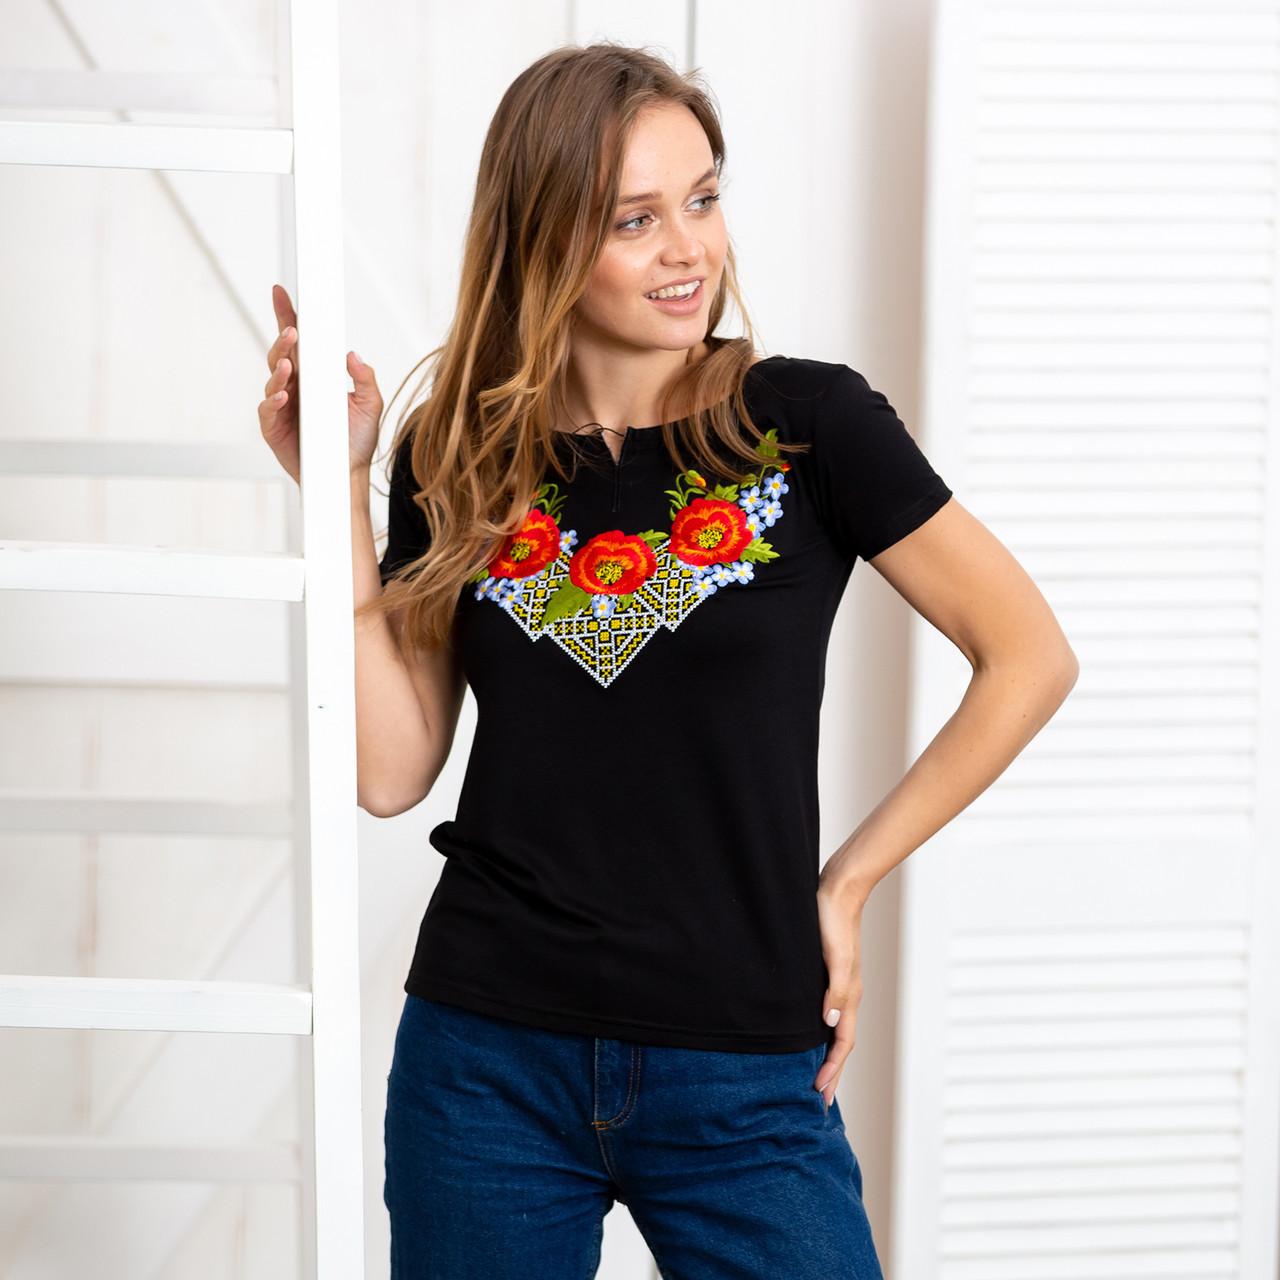 Вышитая трикотажная футболка Три мака черного цвета